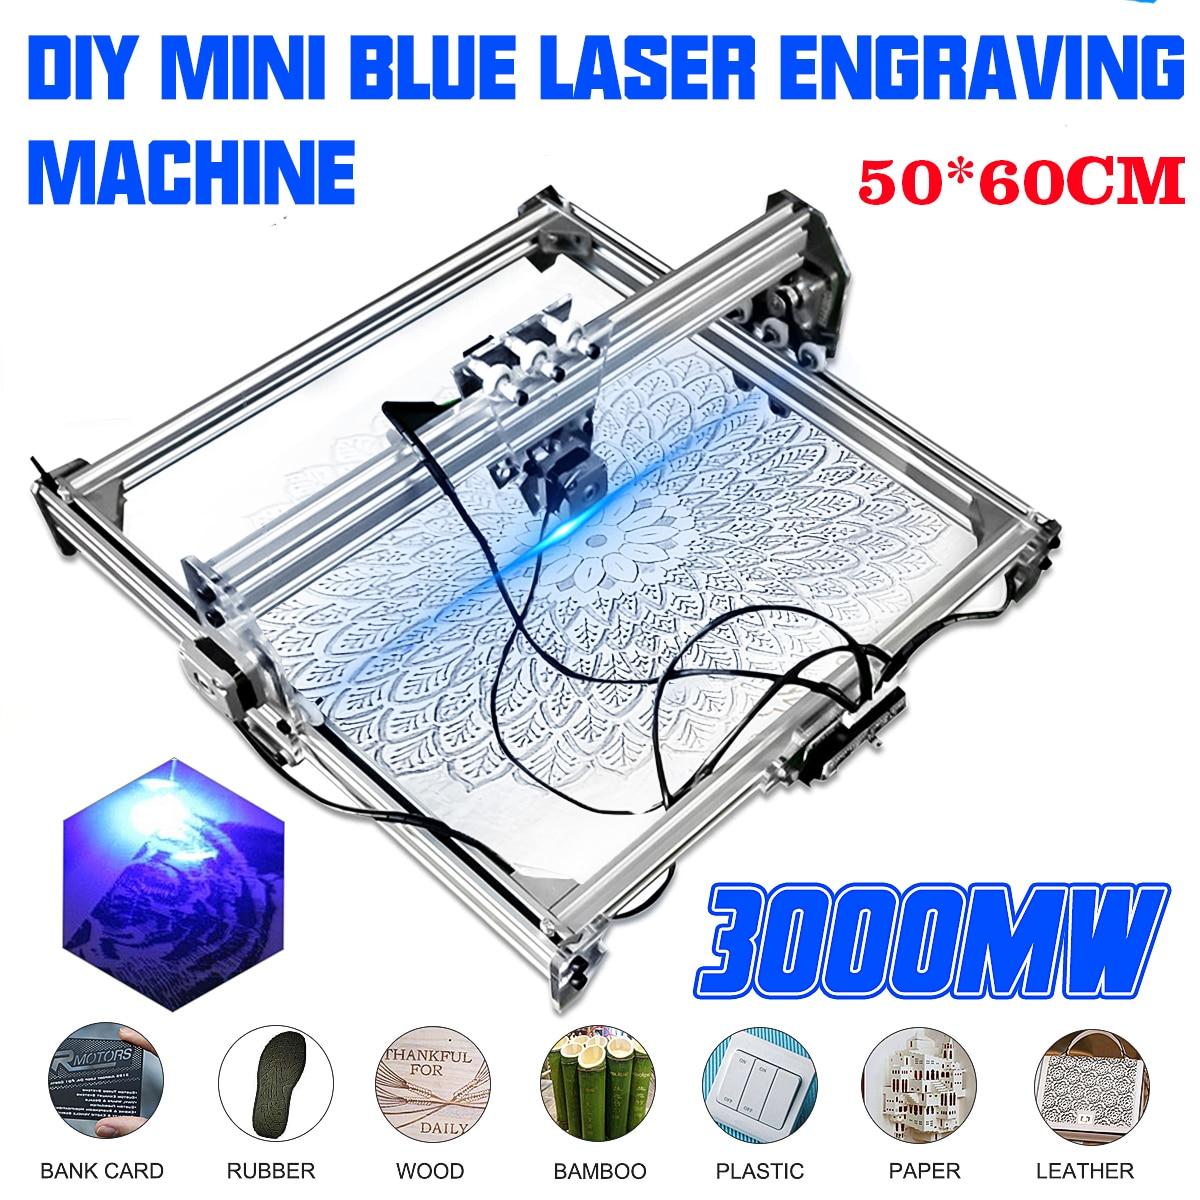 Graveur de bureau en bois, découpeur/imprimante + Laser, Mini, 3000MW au Laser à CNC bleu, 2 axes, 12V cd, 50*65 cm, MW - 5